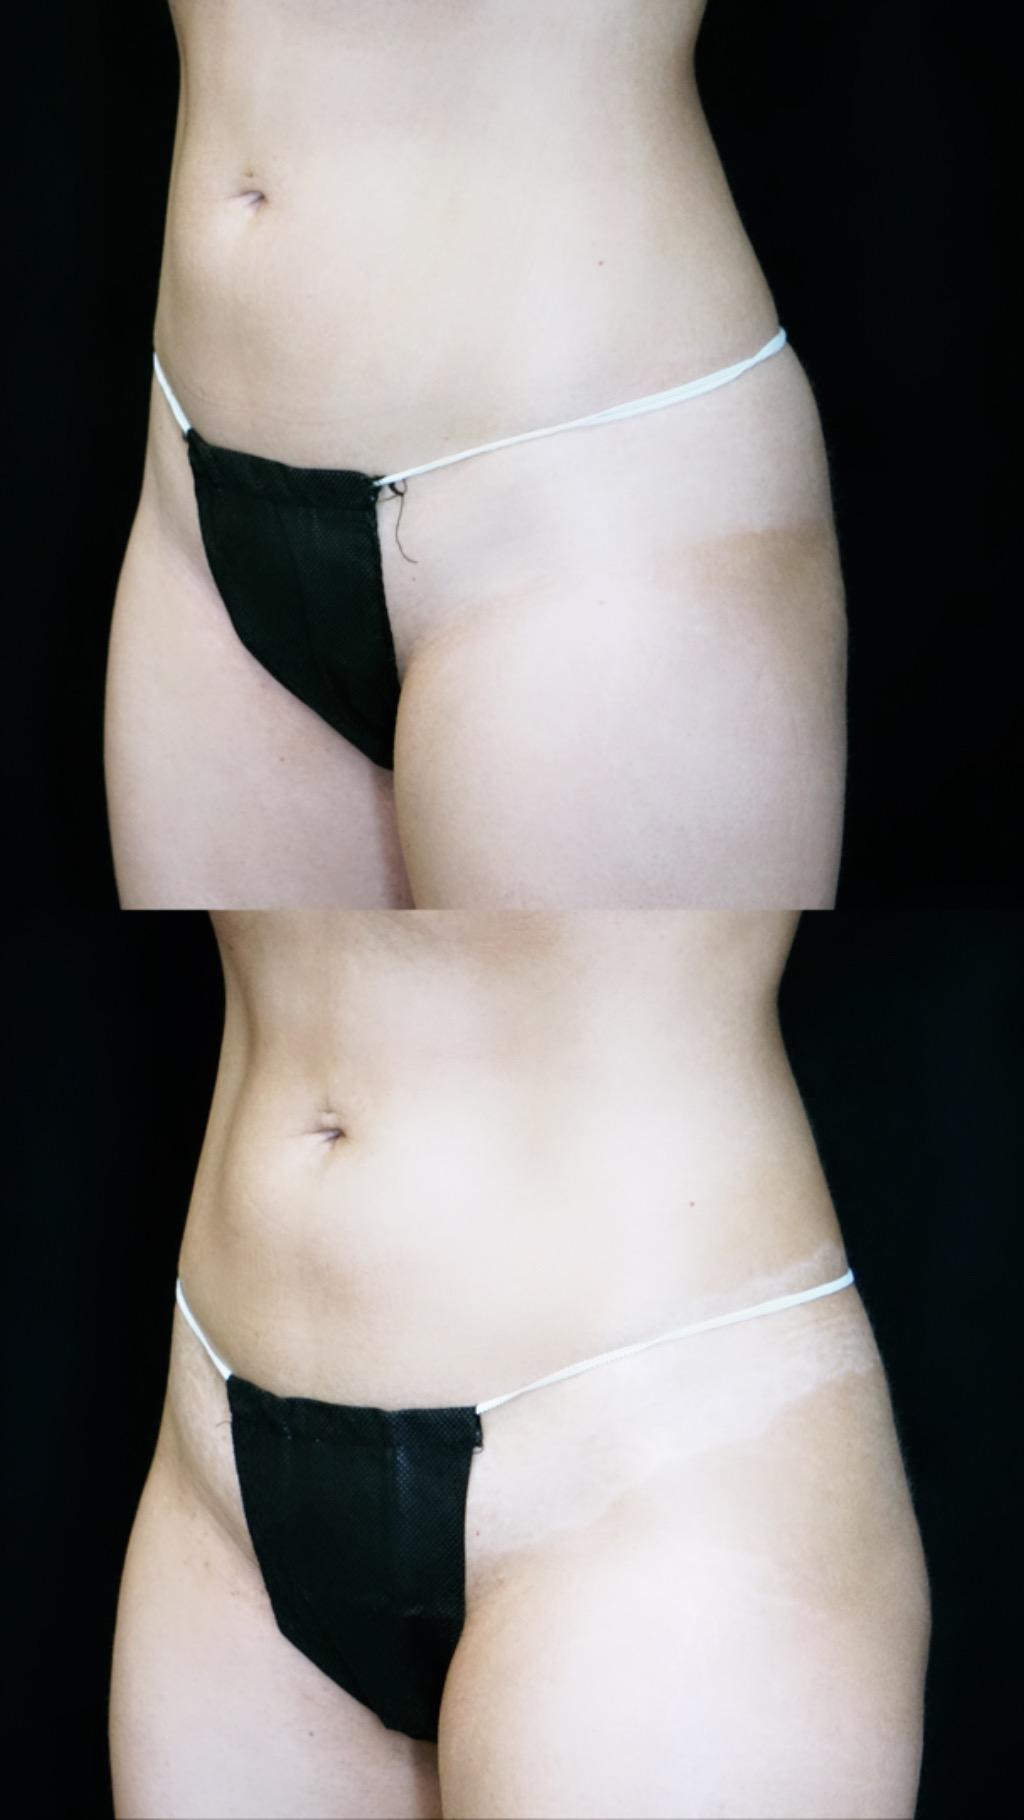 emsculpt abdomen